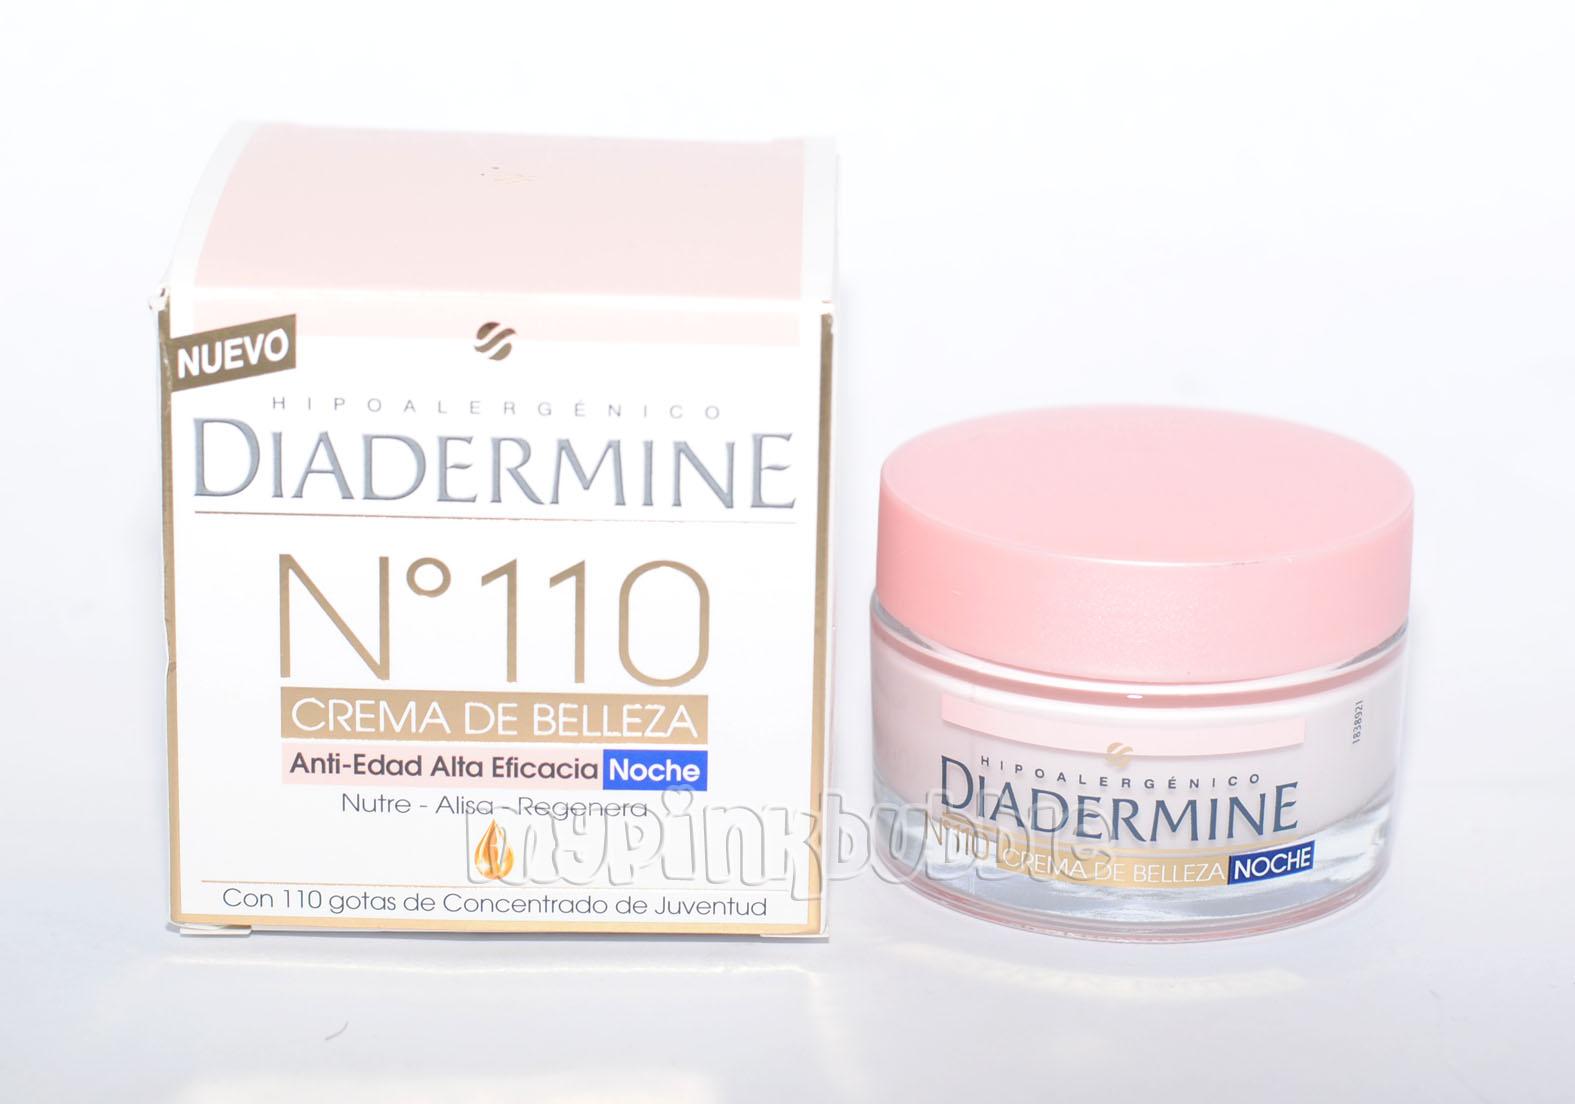 Diadermine 110 antiedad noche